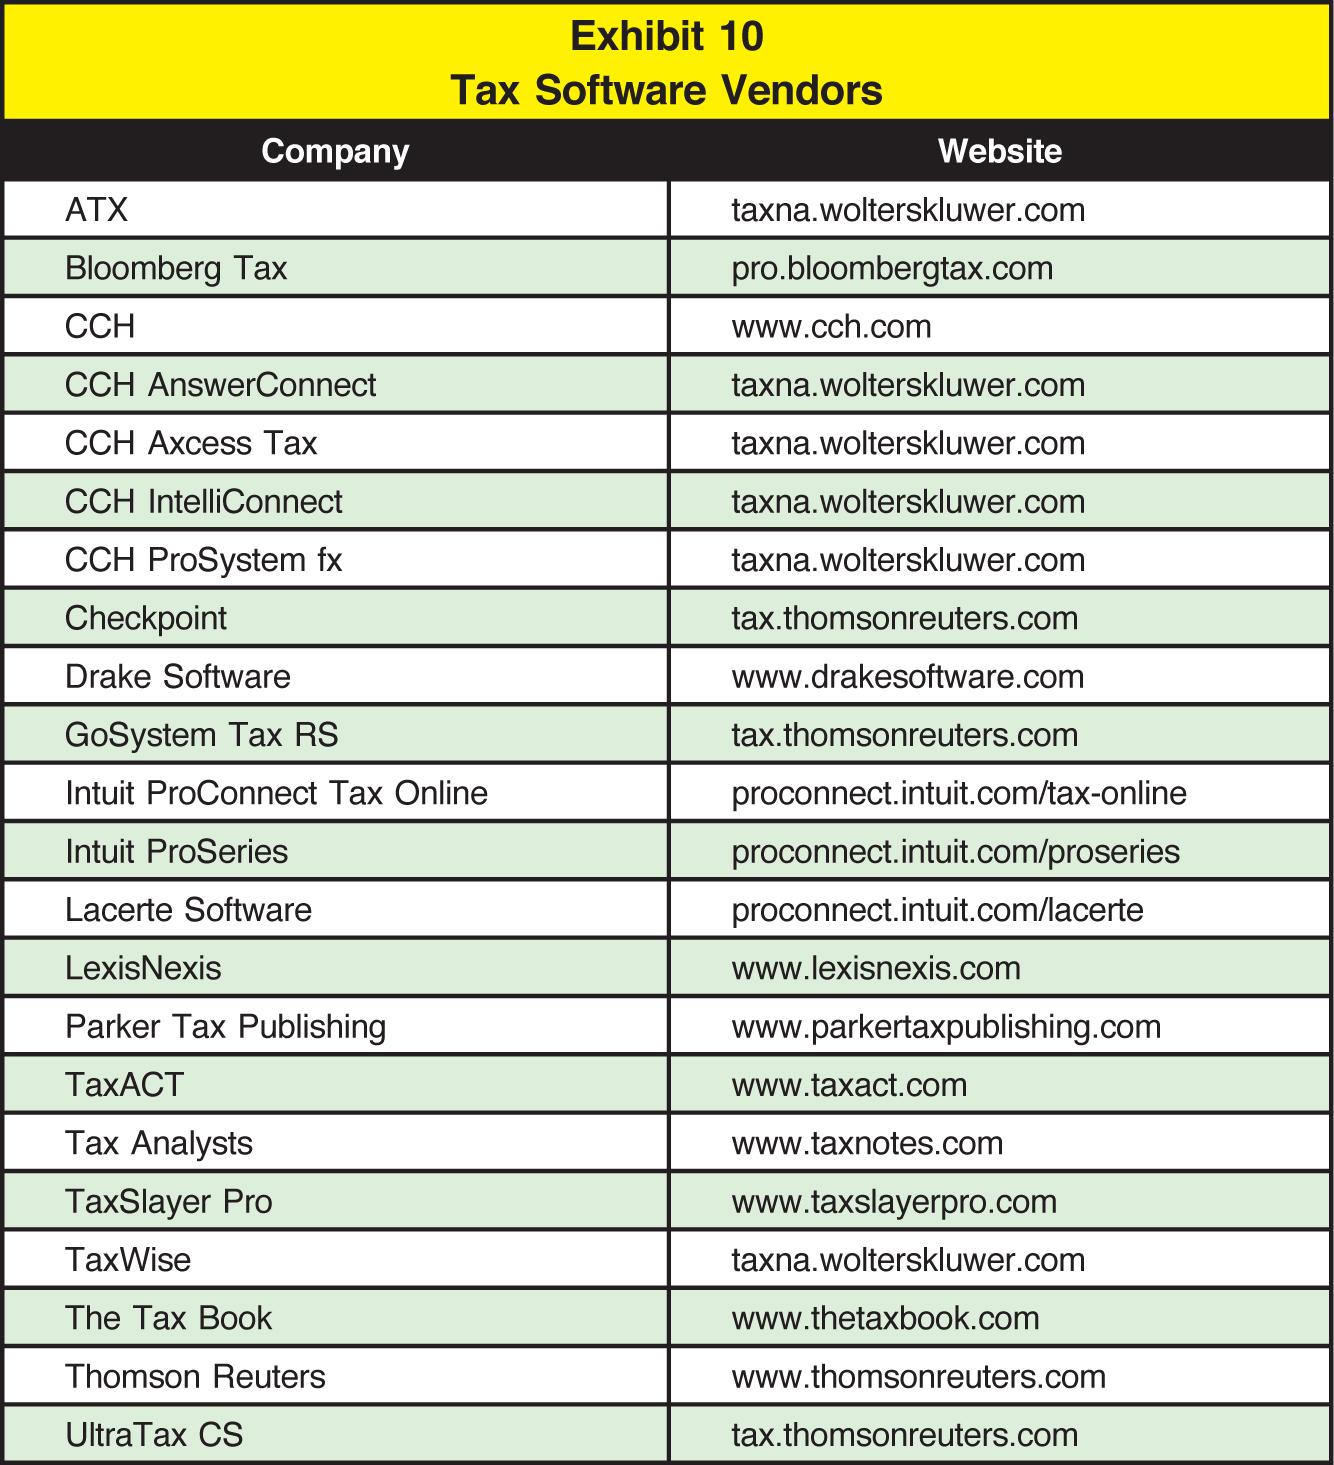 Company; Website ATX; taxna.wolterskluwer.com Bloomberg Tax; pro.bloombergtax.com CCH; www.cch.com CCH AnswerConnect; taxna.wolterskluwer.com CCH Axcess Tax; taxna.wolterskluwer.com CCH IntelliConnect; taxna.wolterskluwer.com CCH ProSystem fx; taxna.wolterskluwer.com Checkpoint; tax.thomsonreuters.com Drake Software; www.drakesoftware.com GoSystem Tax RS; tax.thomsonreuters.com Intuit ProConnect Tax Online; proconnect.intuit.com/tax-online Intuit ProSeries; proconnect.intuit.com/proseries Lacerte Software; proconnect.intuit.com/lacerte LexisNexis; www.lexisnexis.com Parker Tax Publishing; www.parkertaxpublishing.com TaxACT; www.taxact.com Tax Analysts; www.taxnotes.com TaxSlayer Pro; www.taxslayerpro.com TaxWise; taxna.wolterskluwer.com The Tax Book; www.thetaxbook.com Thomson Reuters; www.thomsonreuters.com UltraTax CS; tax.thomsonreuters.com